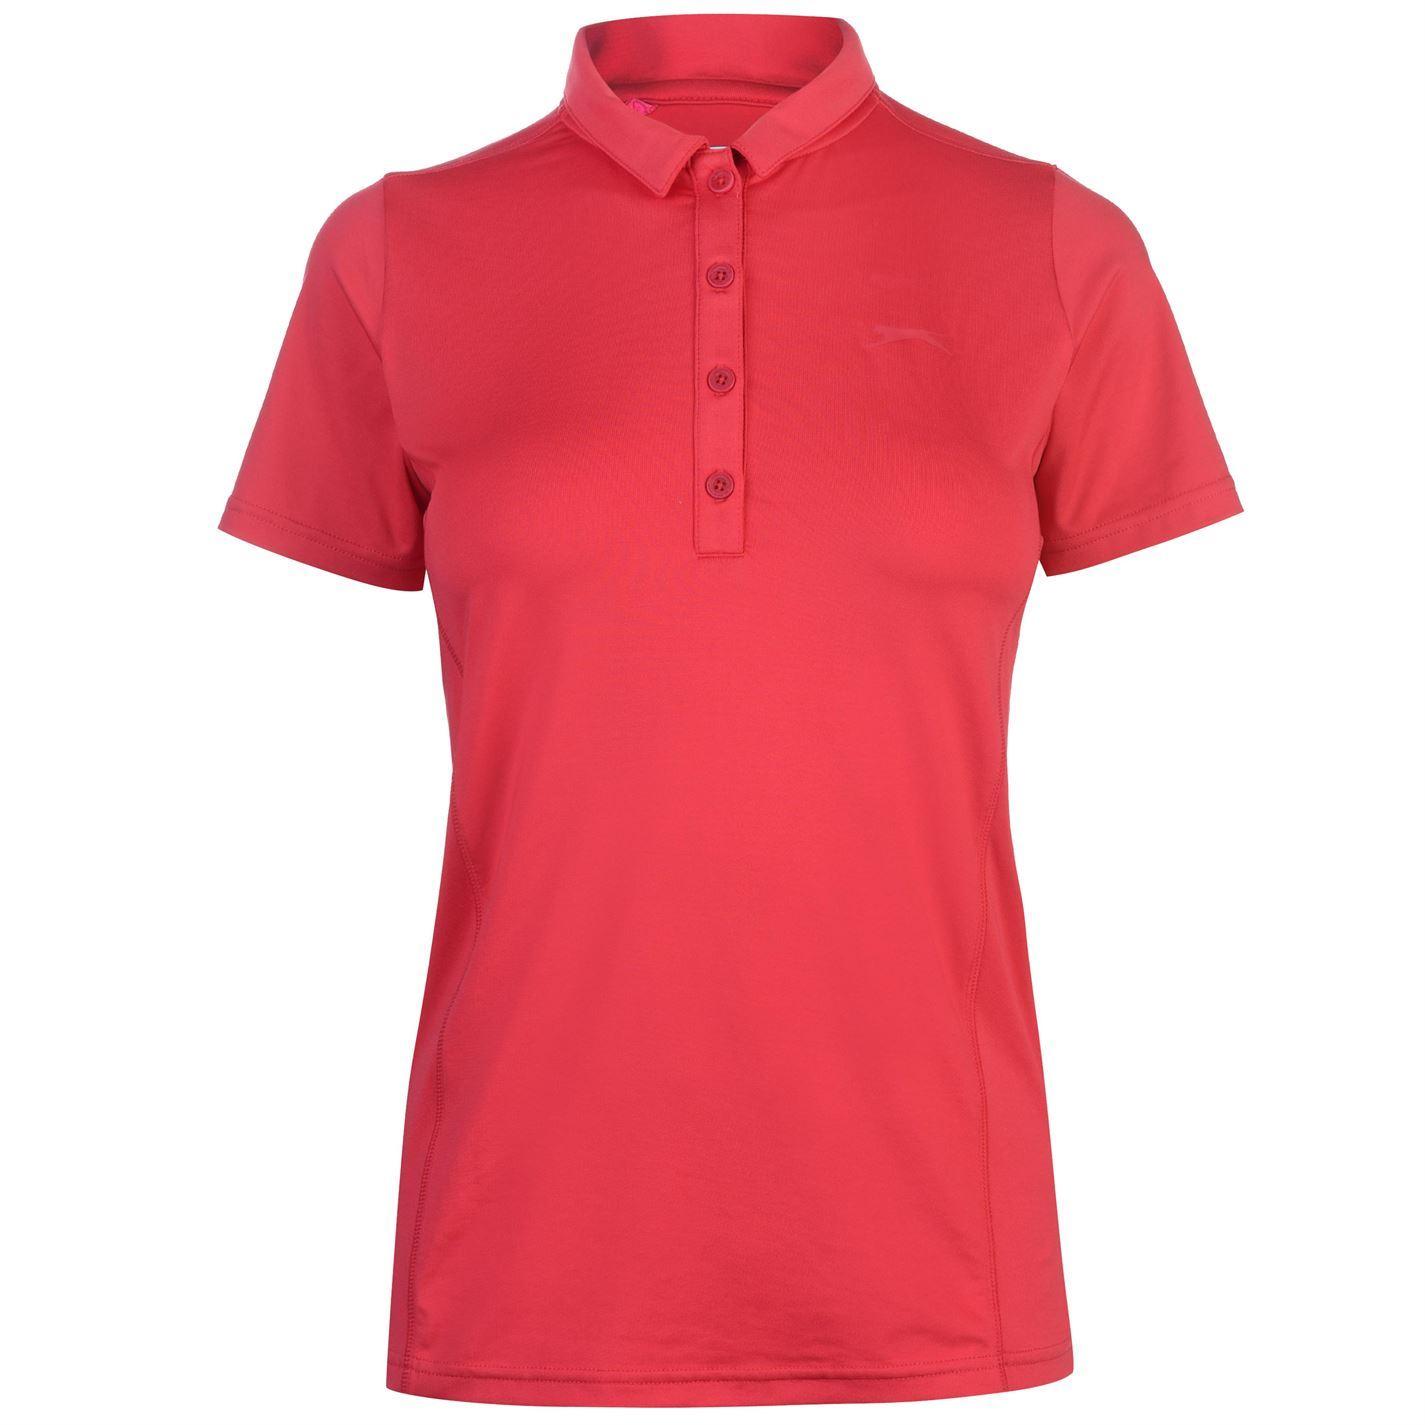 Slazenger-Plain-Golf-Polo-Shirt-Womens-T-Shirt-Top-Tee-Activewear miniature 11